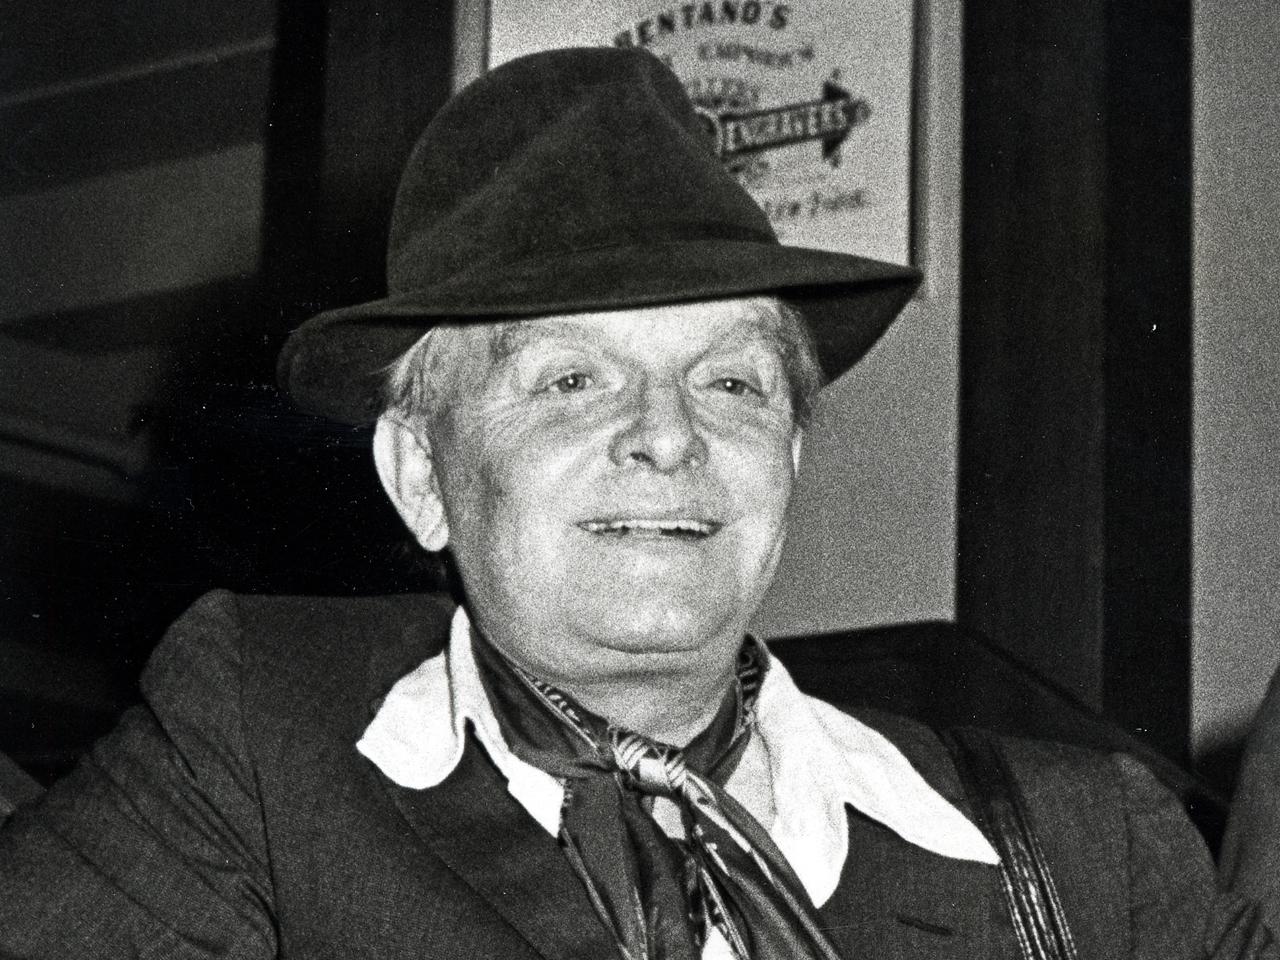 truman capote Truman capote, de son vrai nom truman steckfus persons, naît le 30 septembre 1924 à la nouvelle-orléans ses parents se séparent peu après leur mariage et sa mère, lillie mae, 17 ans, le confie à ses trois cousines et son cousin.